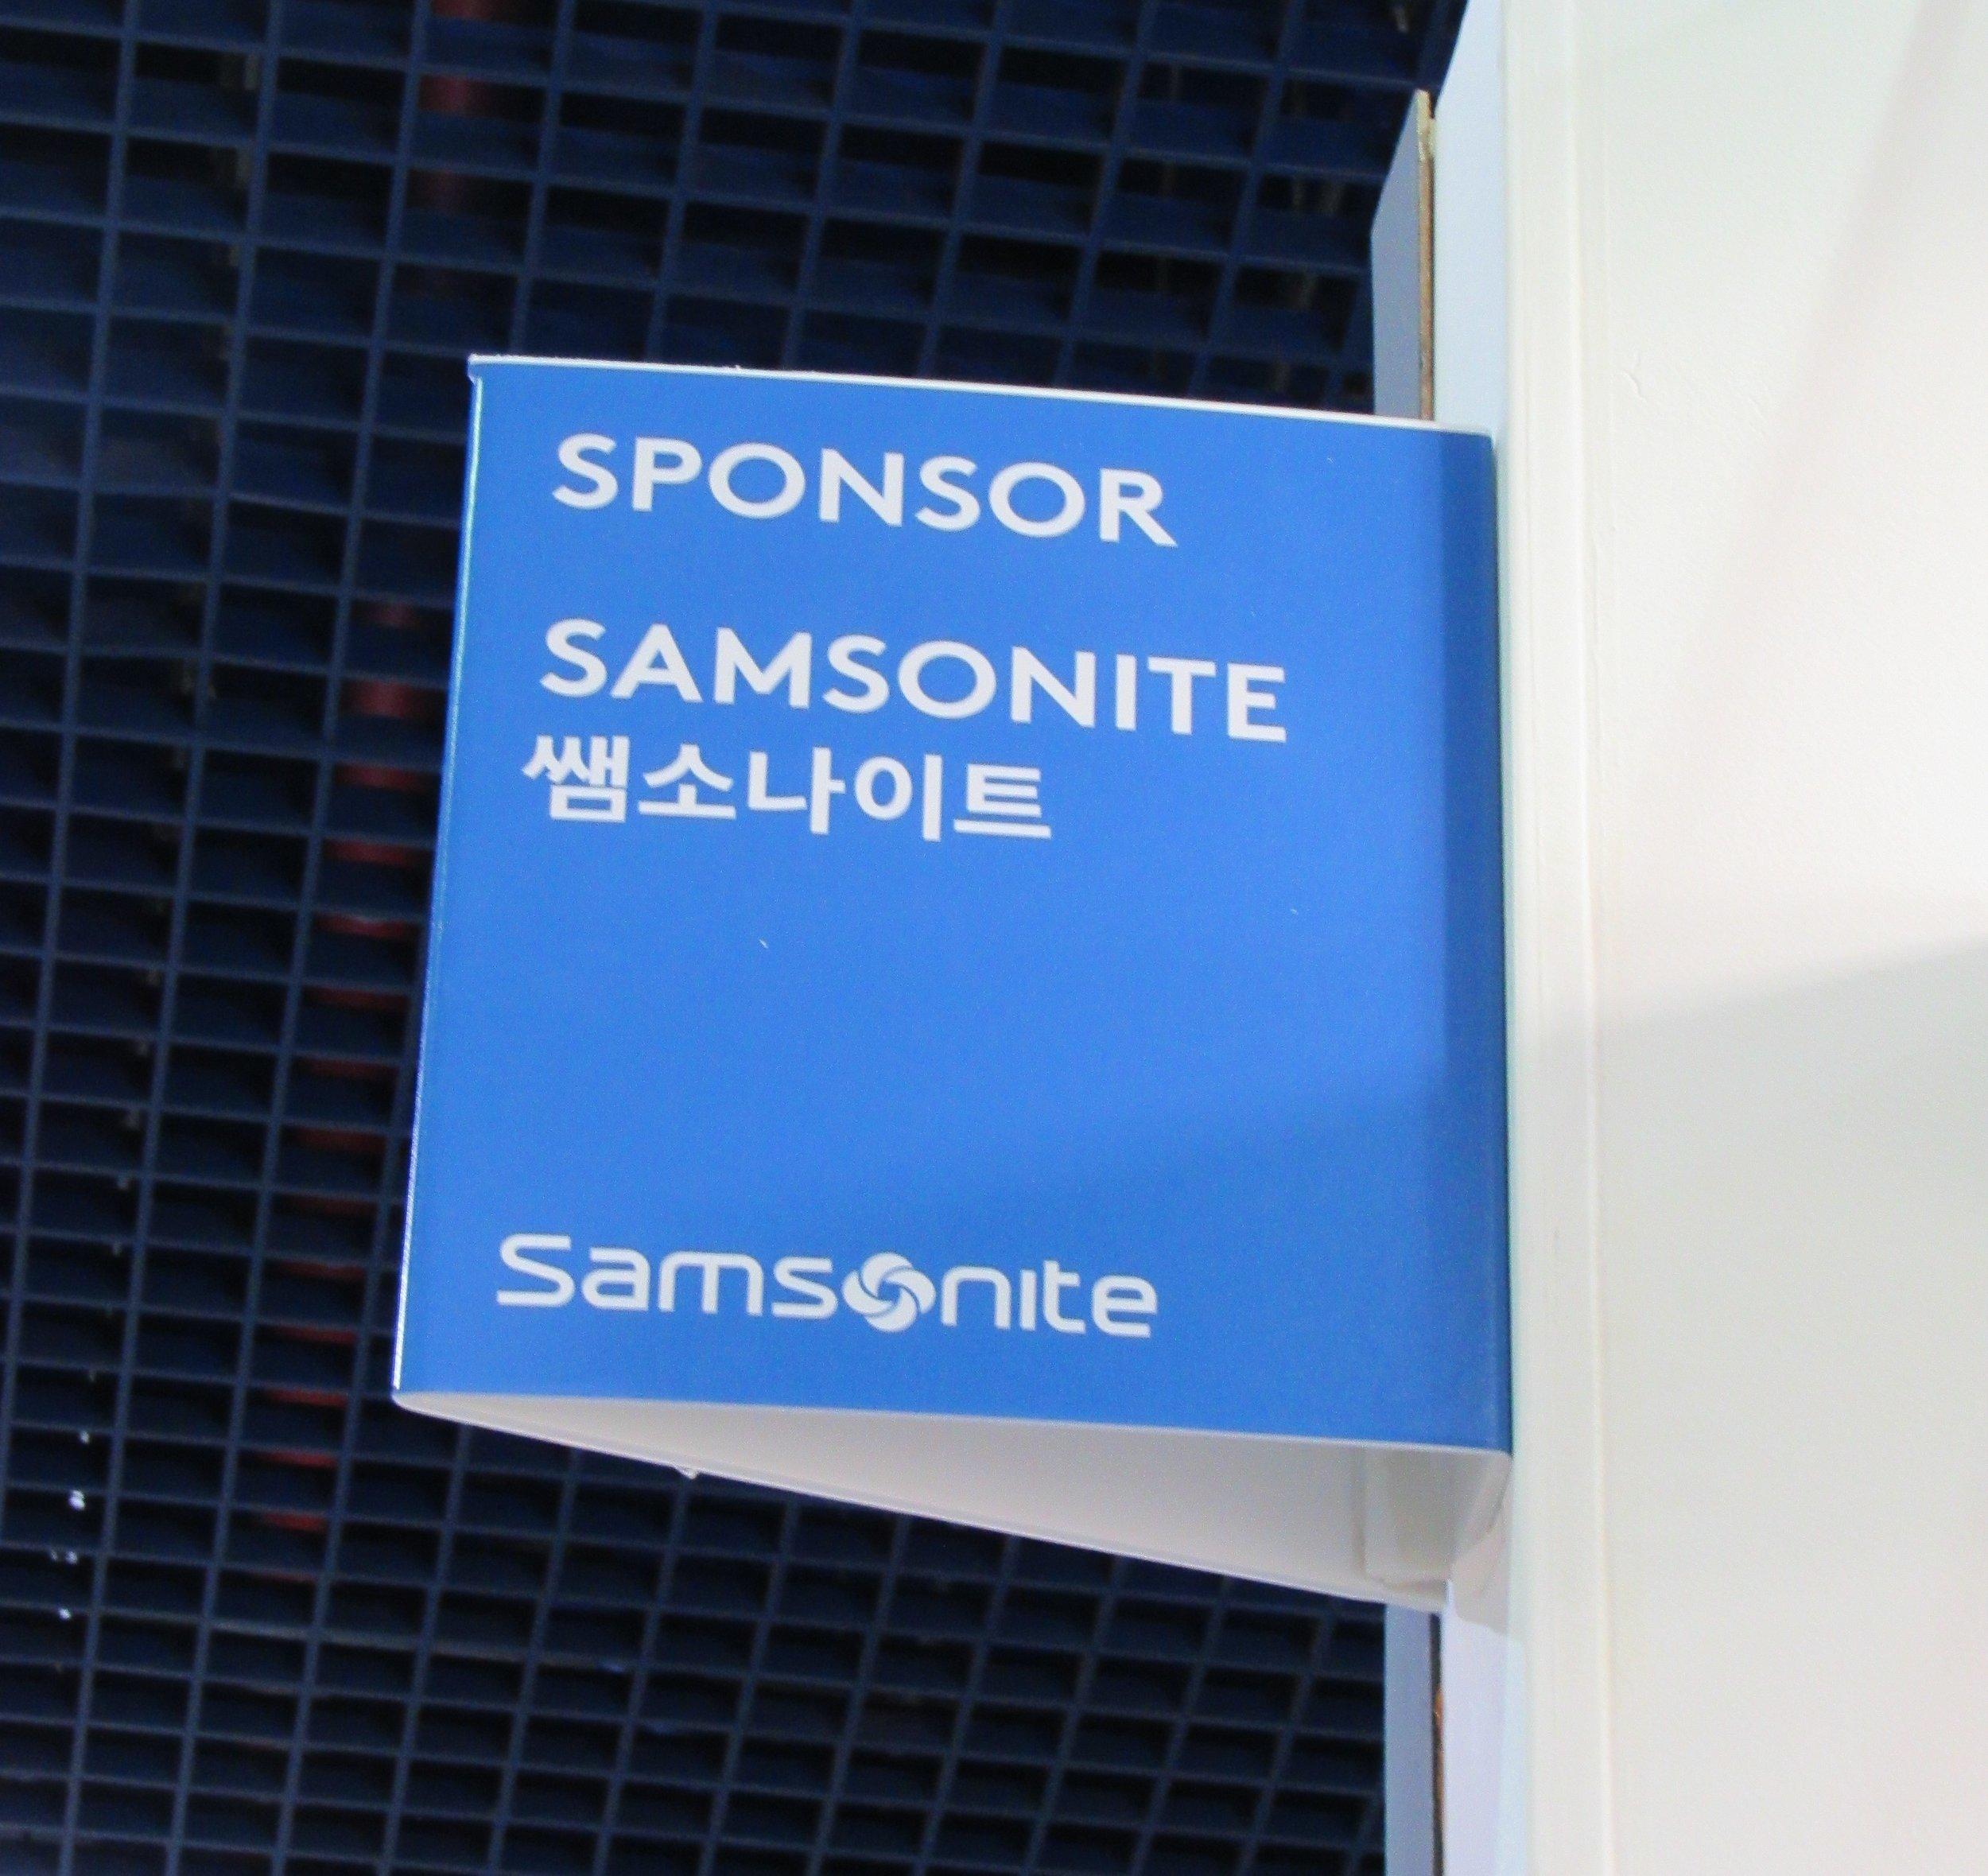 Samsonite Sponsor © Flyga Twiga LLC